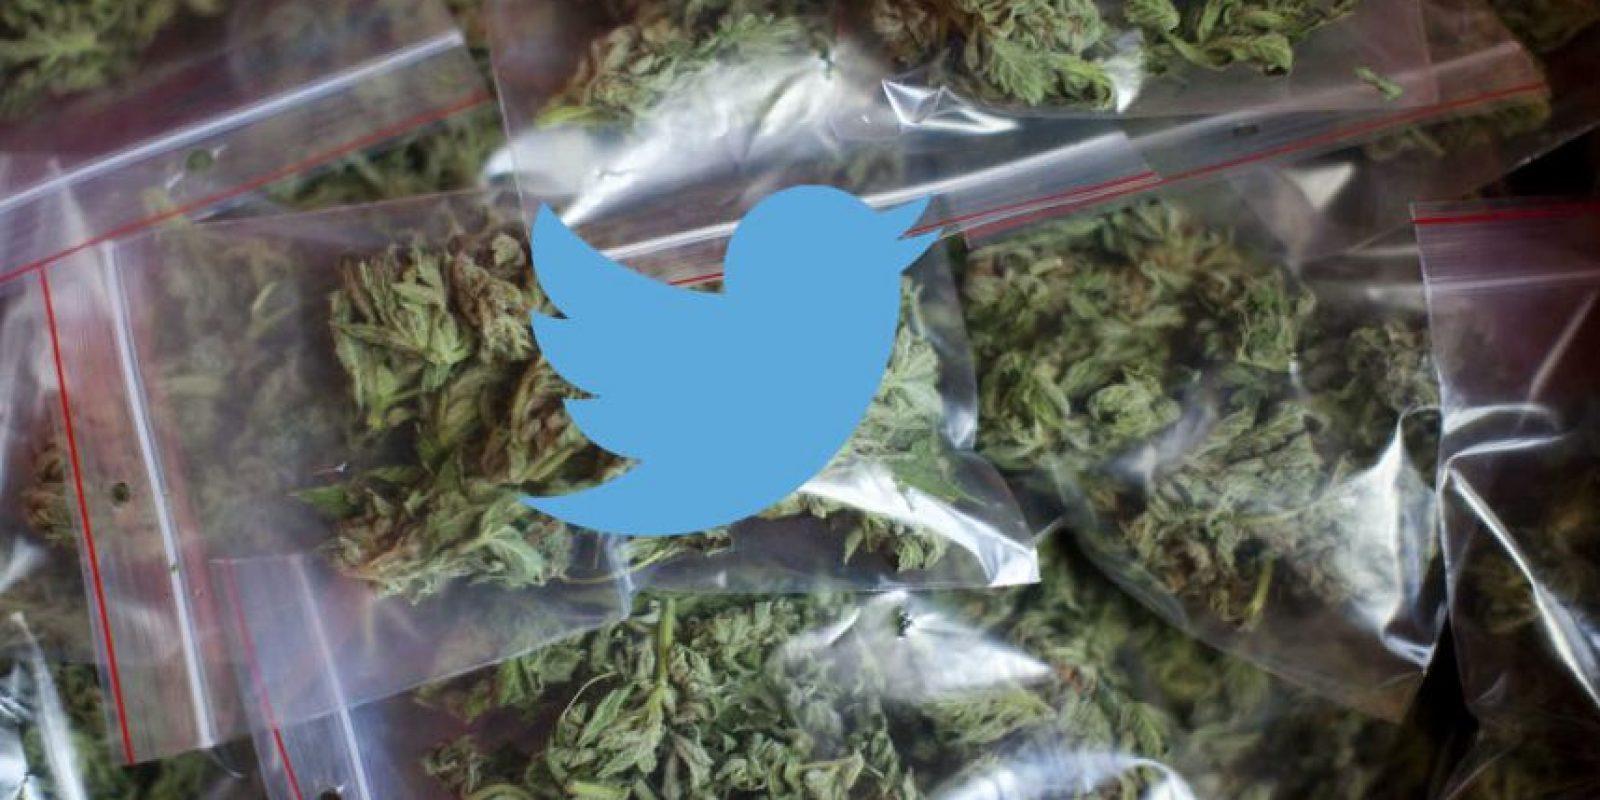 Las redes sociales están siendo usadas para vender drogas. Foto:Getty Images/Twitter